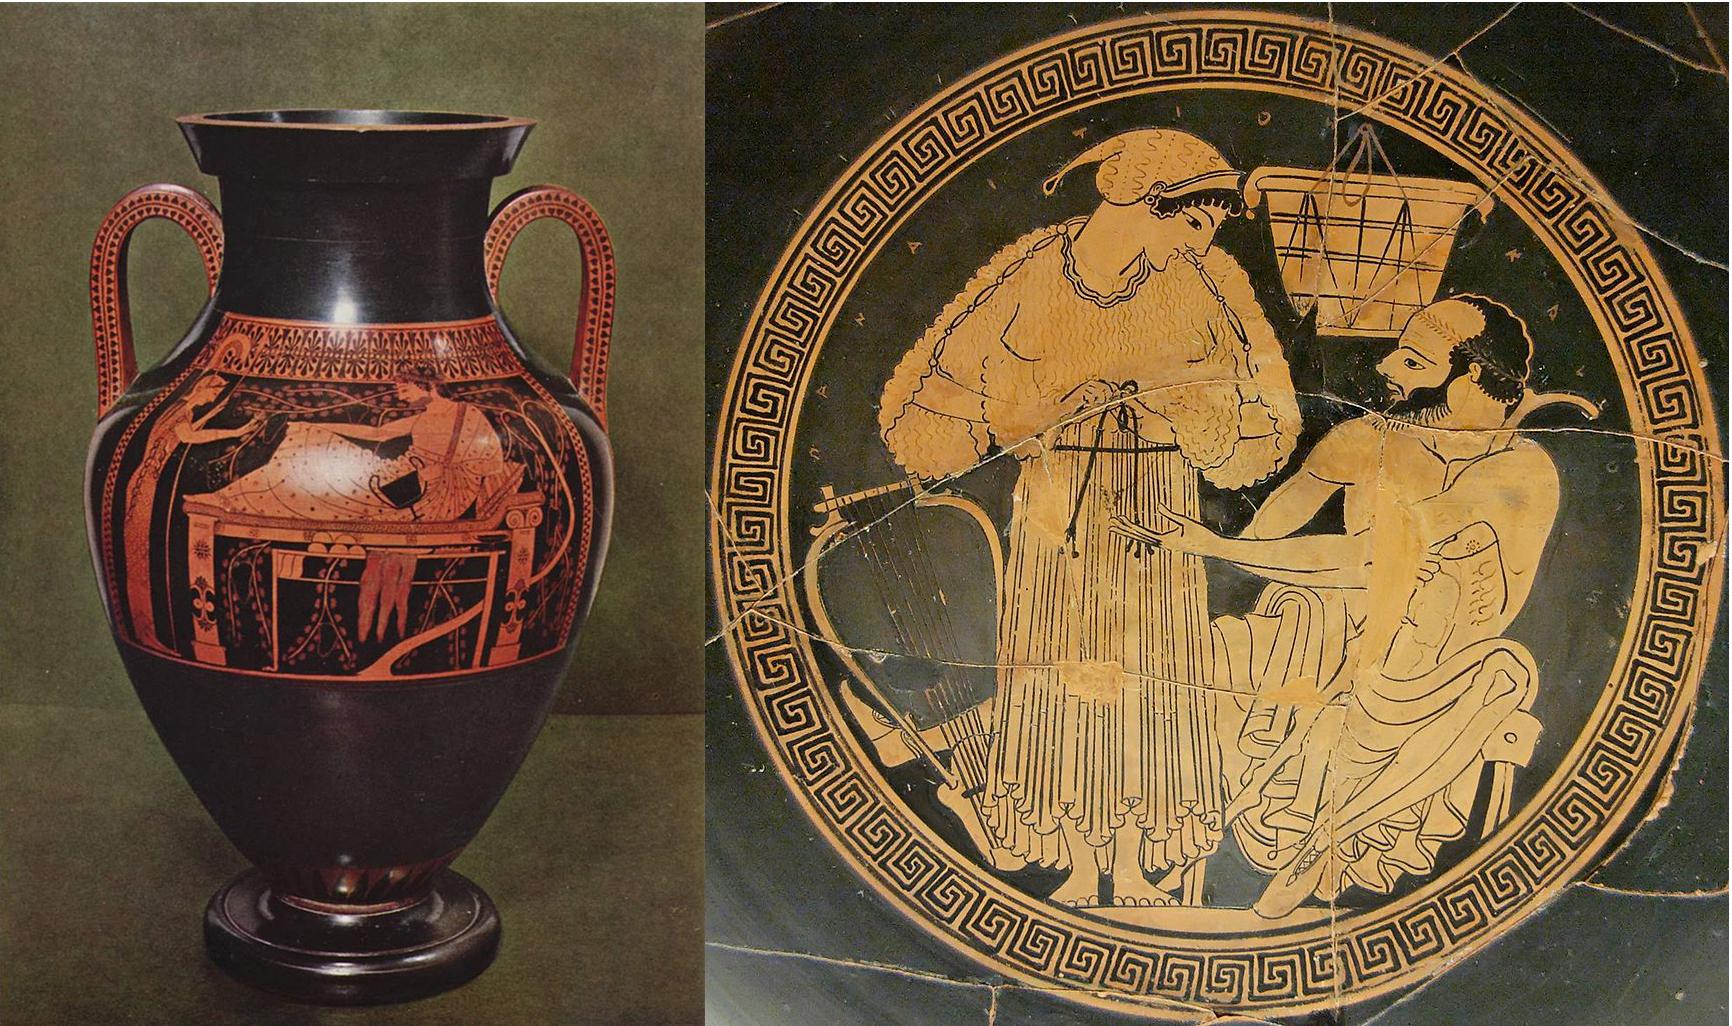 Vänster: Vas från antikens Grekland föreställande Athena och Herakles, cirka 500 f Kr. Höger: Keramikplatta av Euphronios, omkring 500 f. Kr. Foton via Wikipedia.